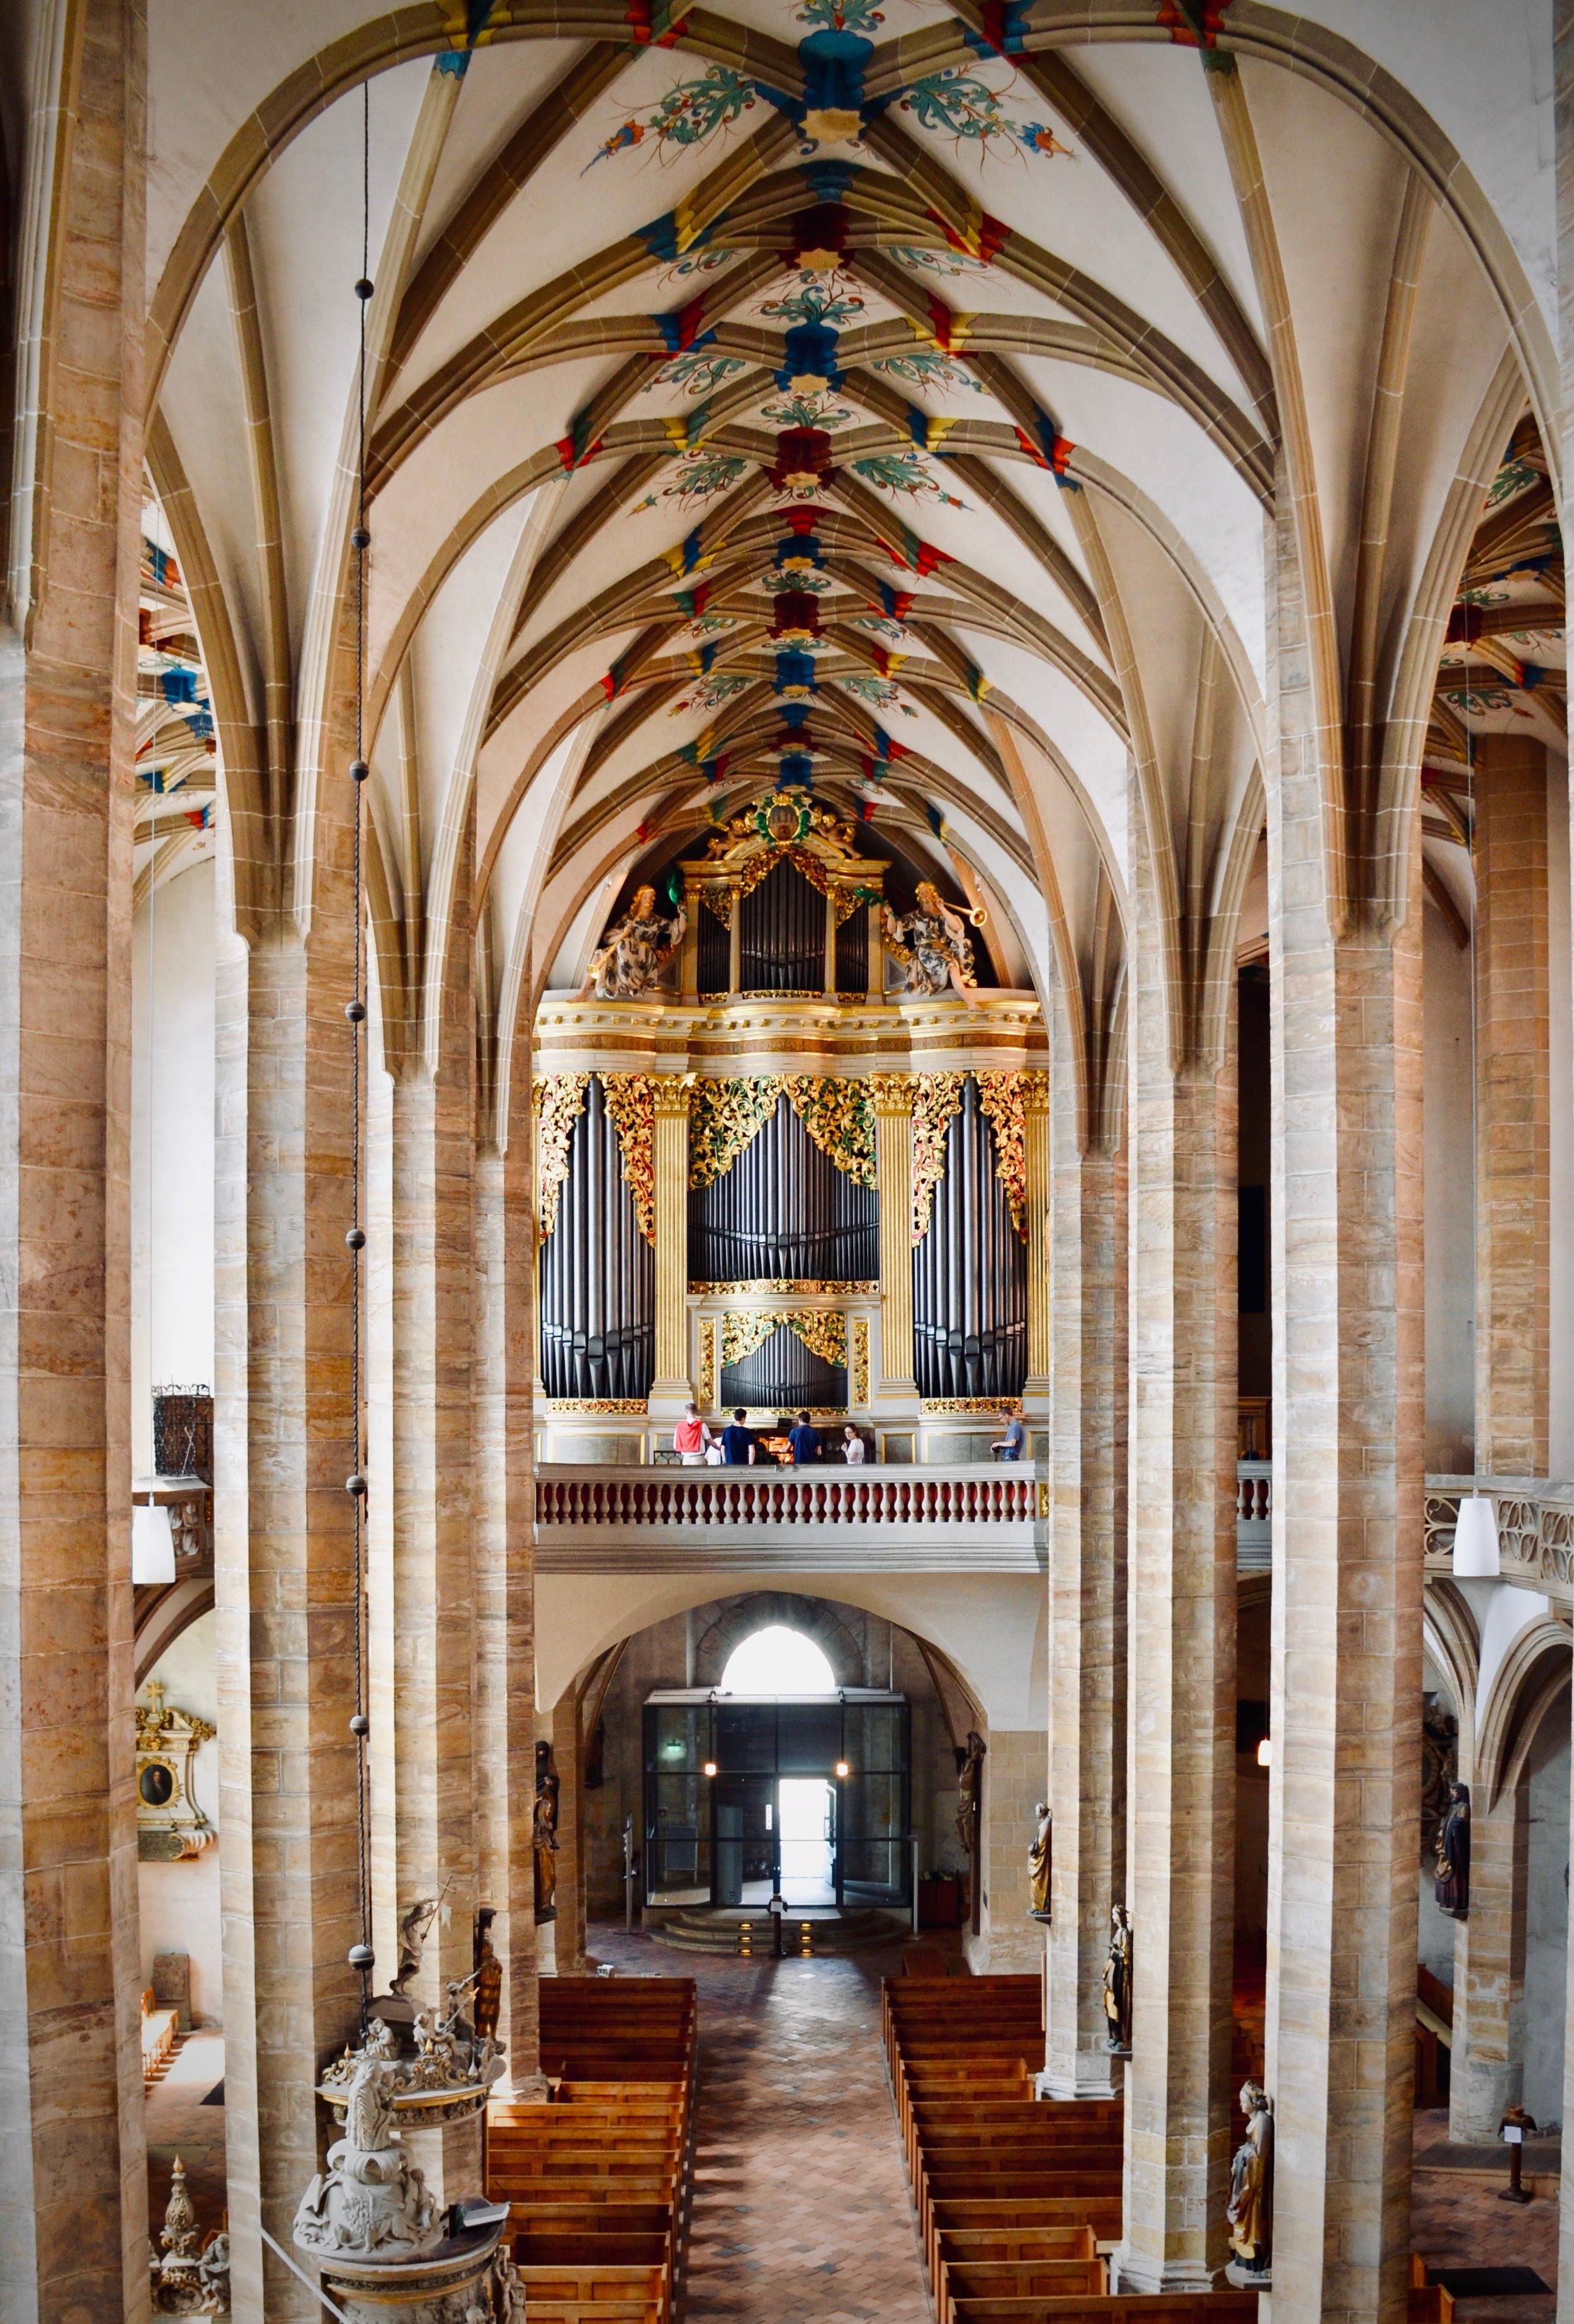 1714 Gottfried Silbermann organ in Freiberg Dom.